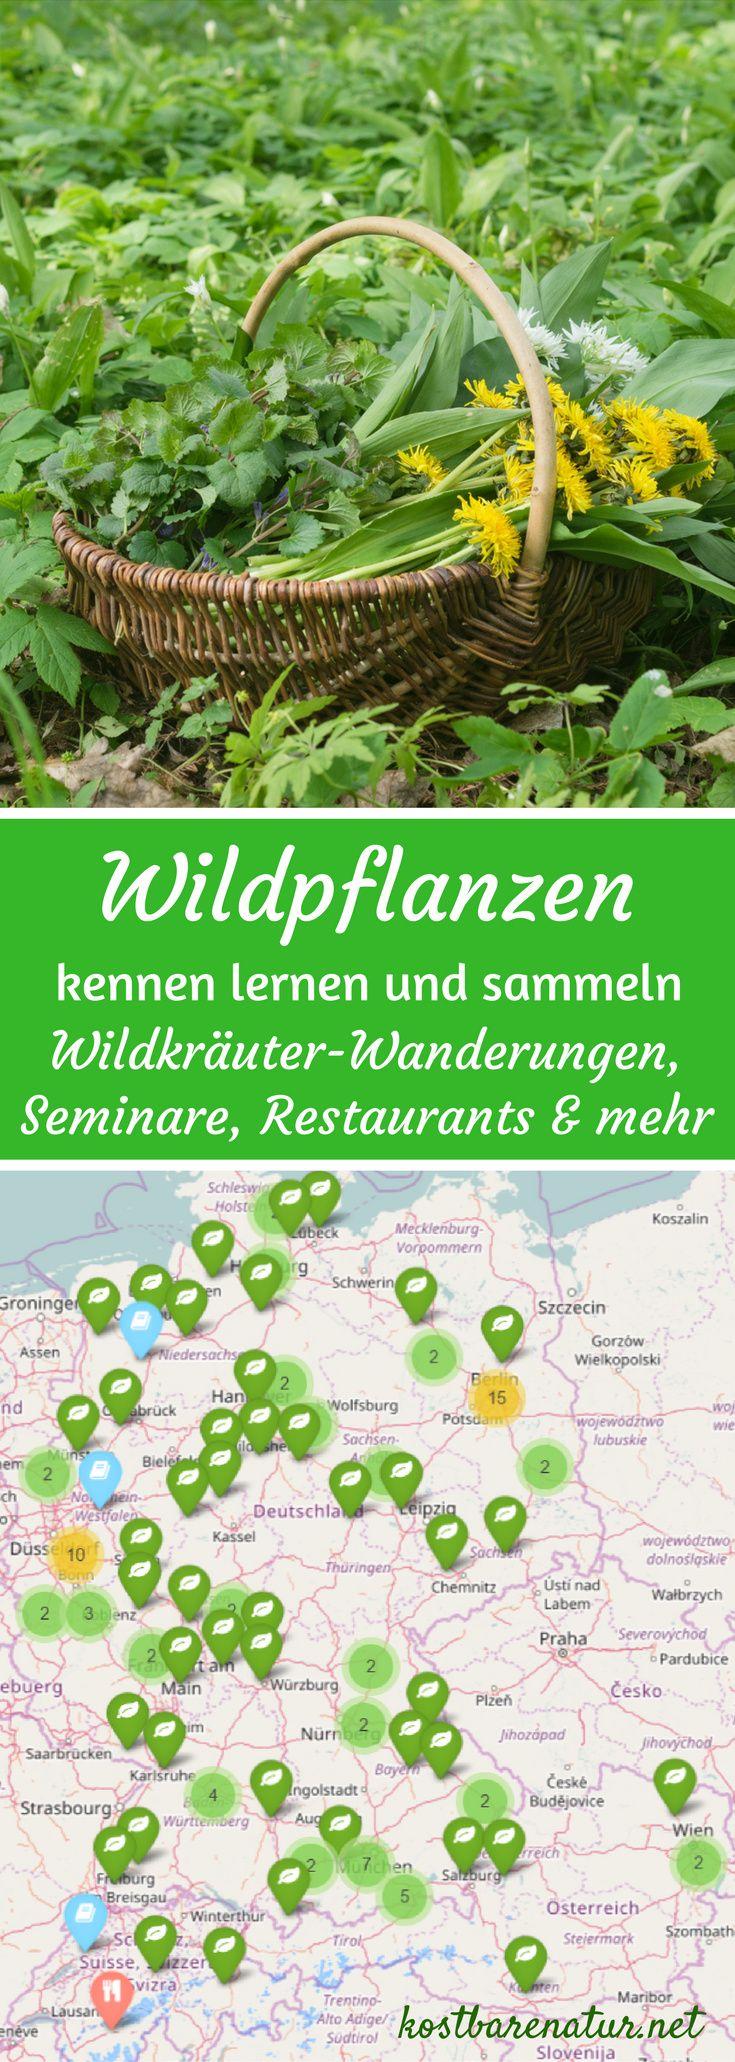 Du willst die Kräfte der Natur nutzen und neue Wildkräuter und Wildfrüchte kennen lernen? Auf dieser Karte findest du Wildkräuterwanderungen in Deutschland, Österreich und der Schweiz.